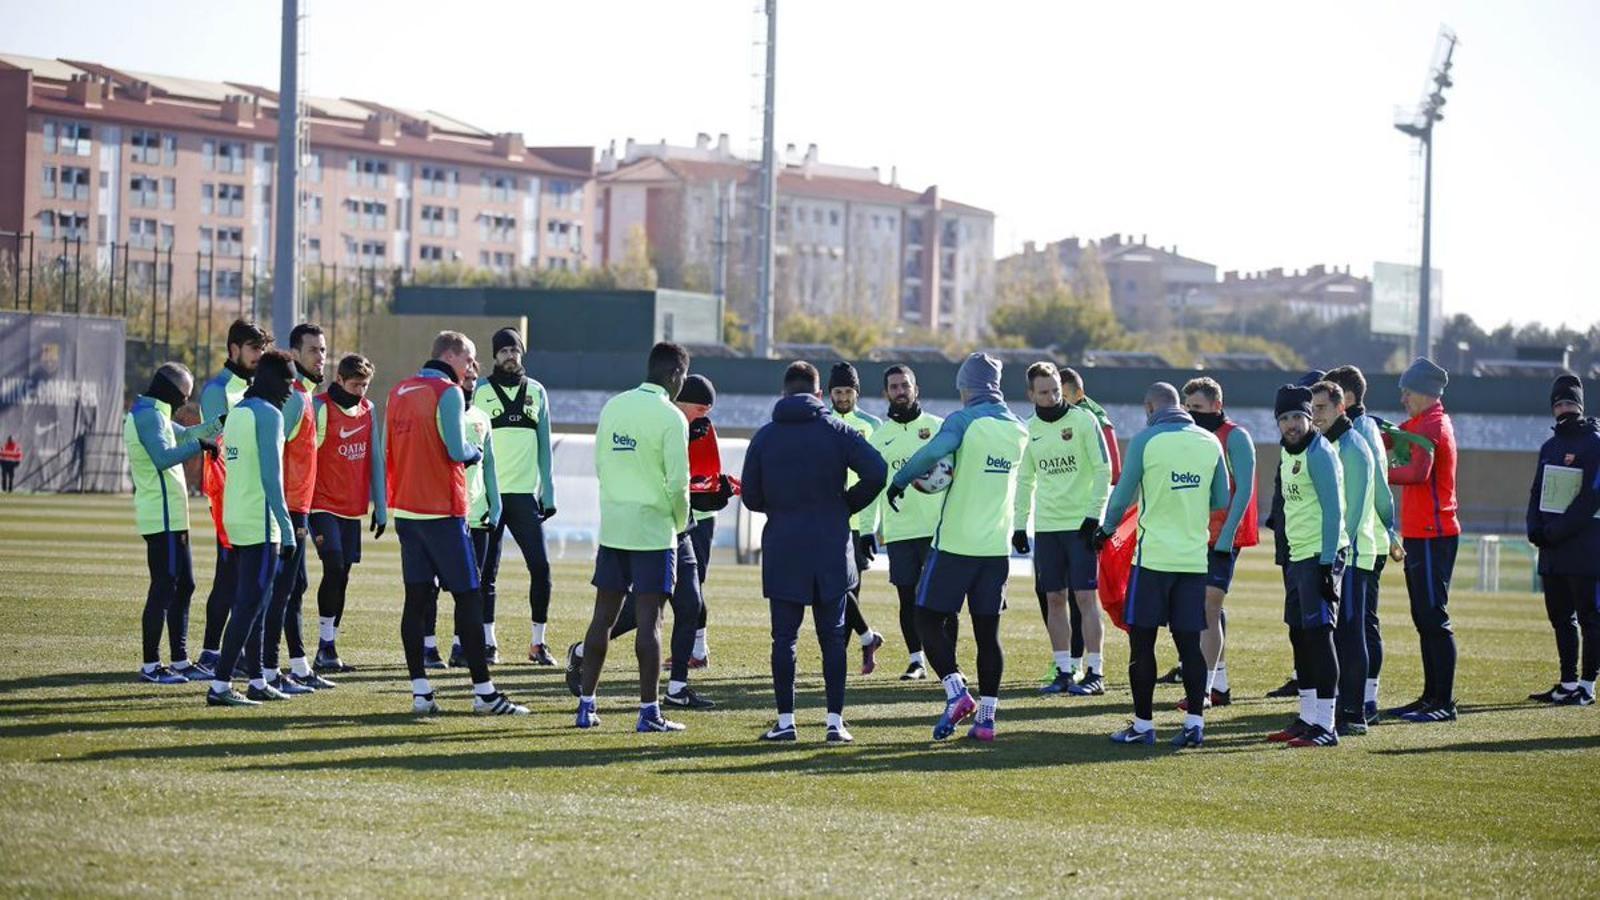 Els jugadors del Barça durant l'entrenament